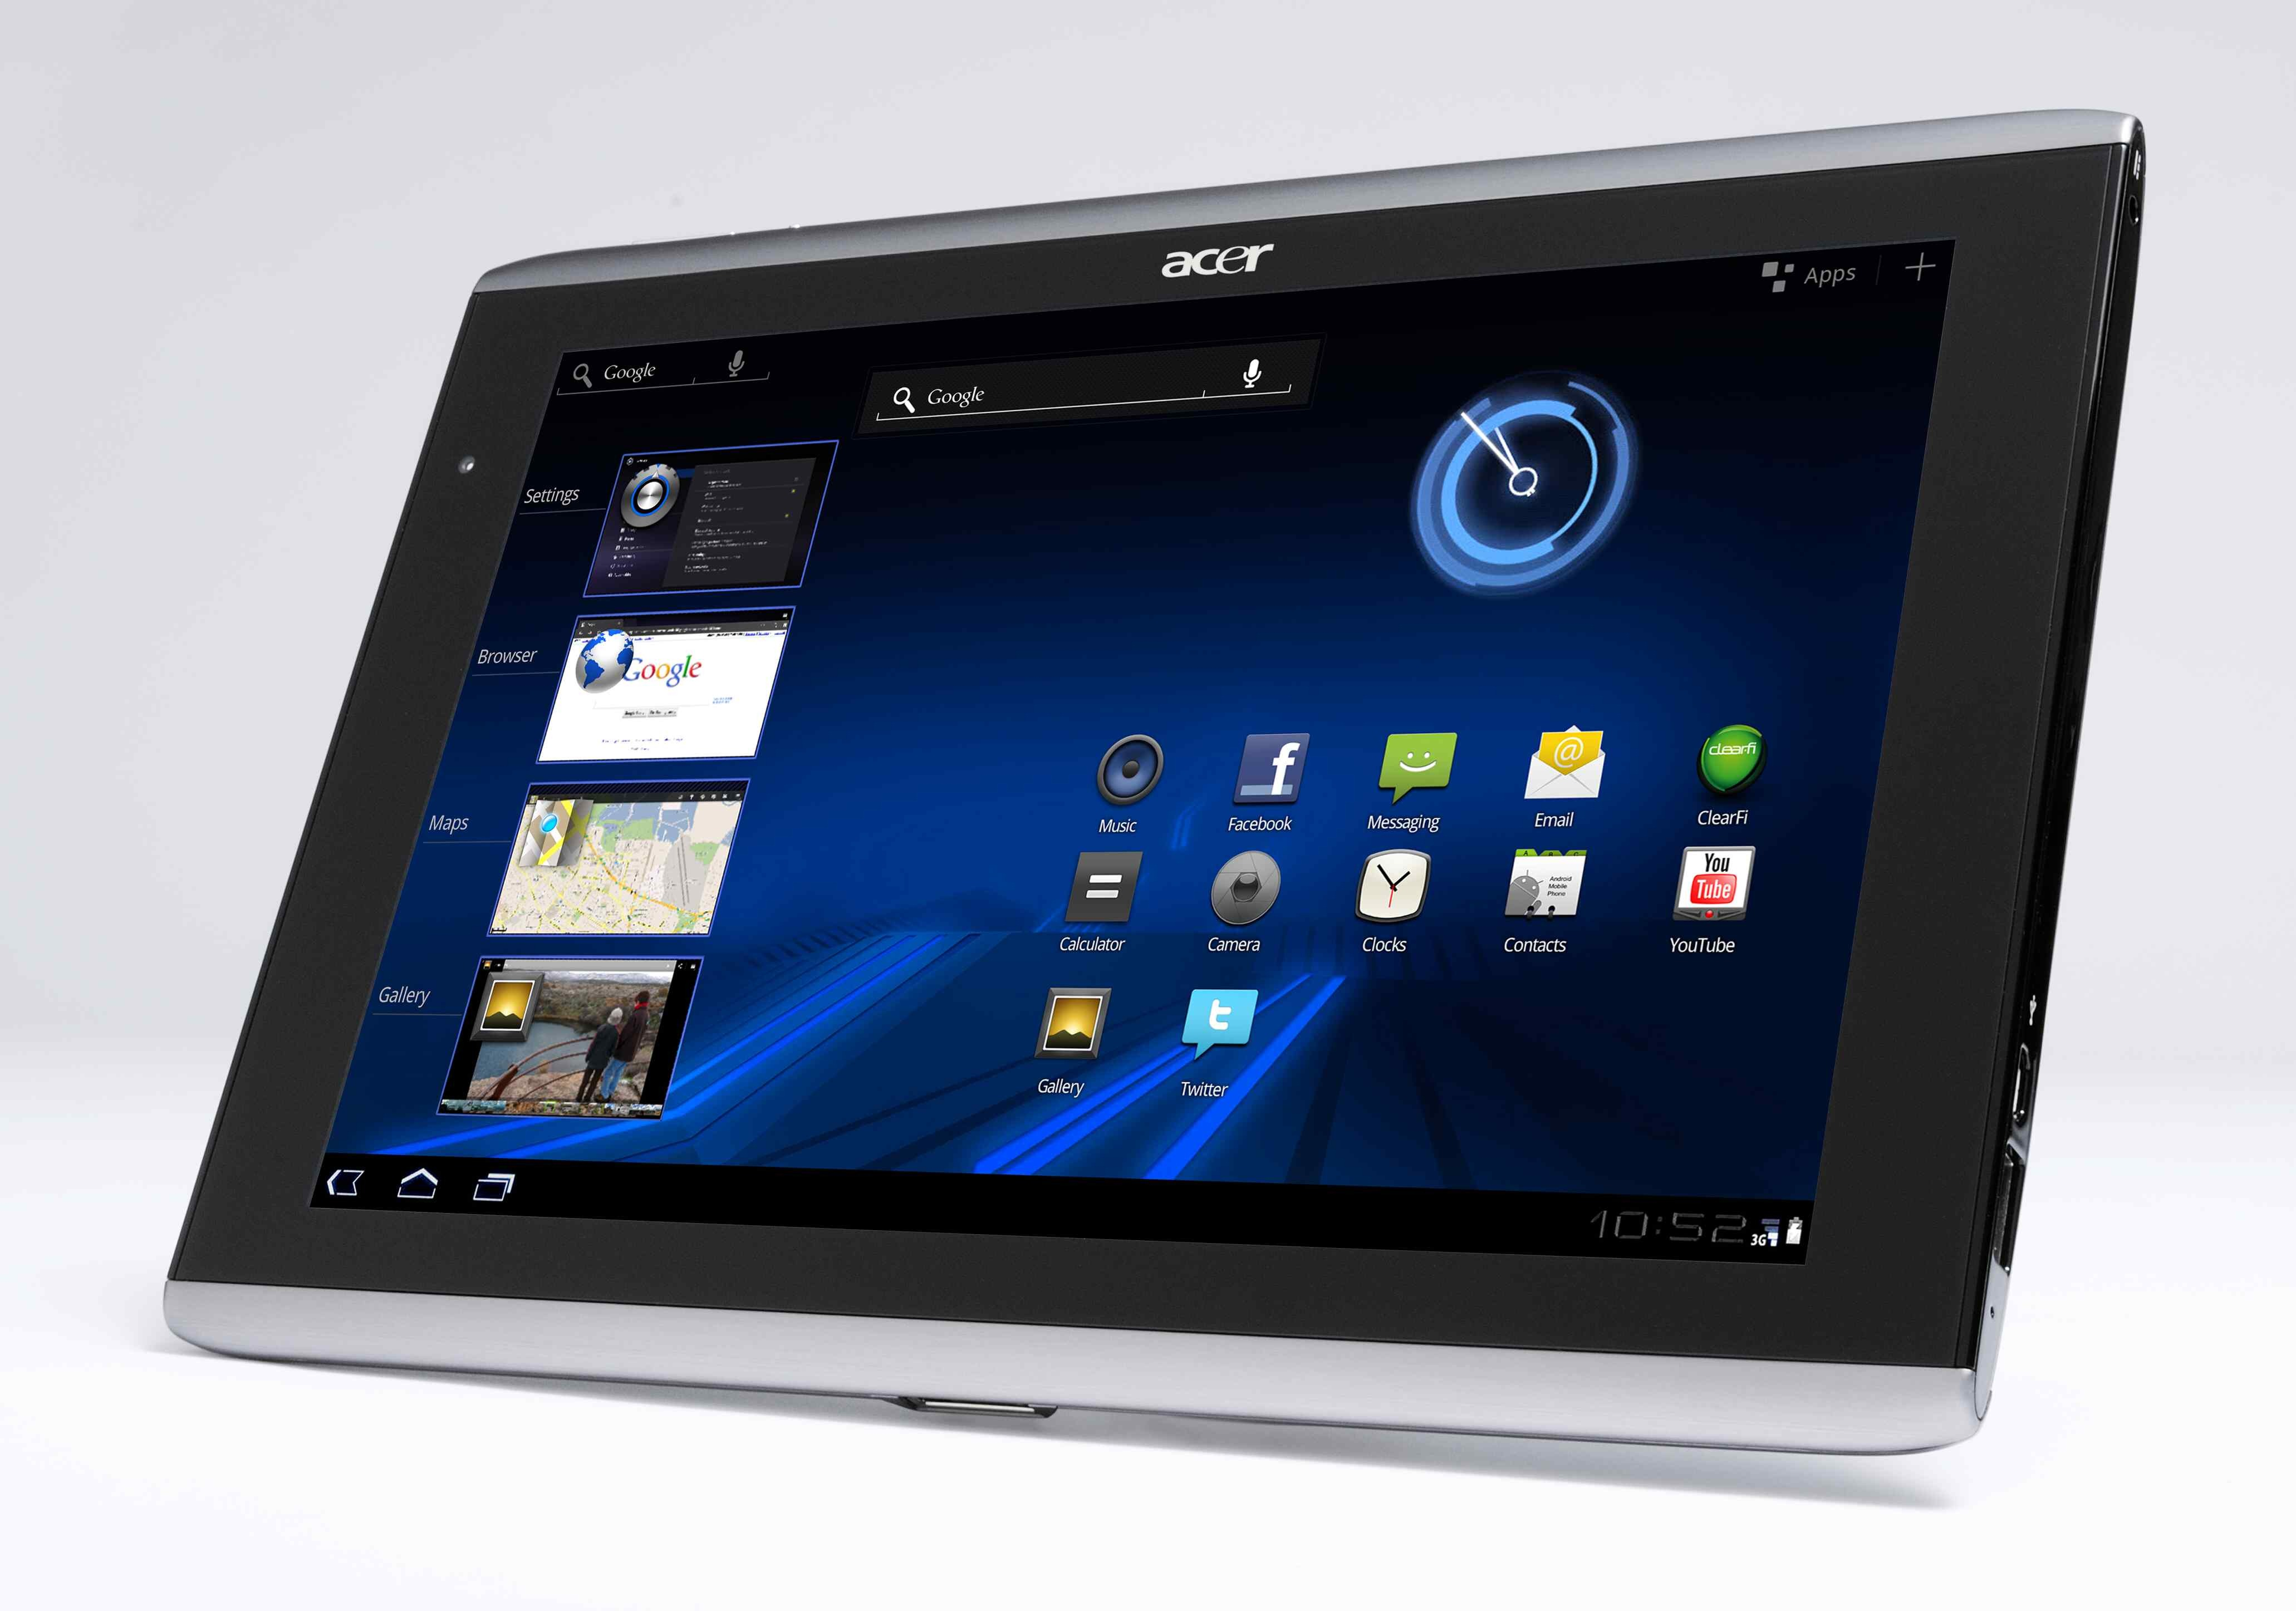 Sprzeda� komputer�w typu tablet w Polsce poni�ej wszelkich oczekiwa�